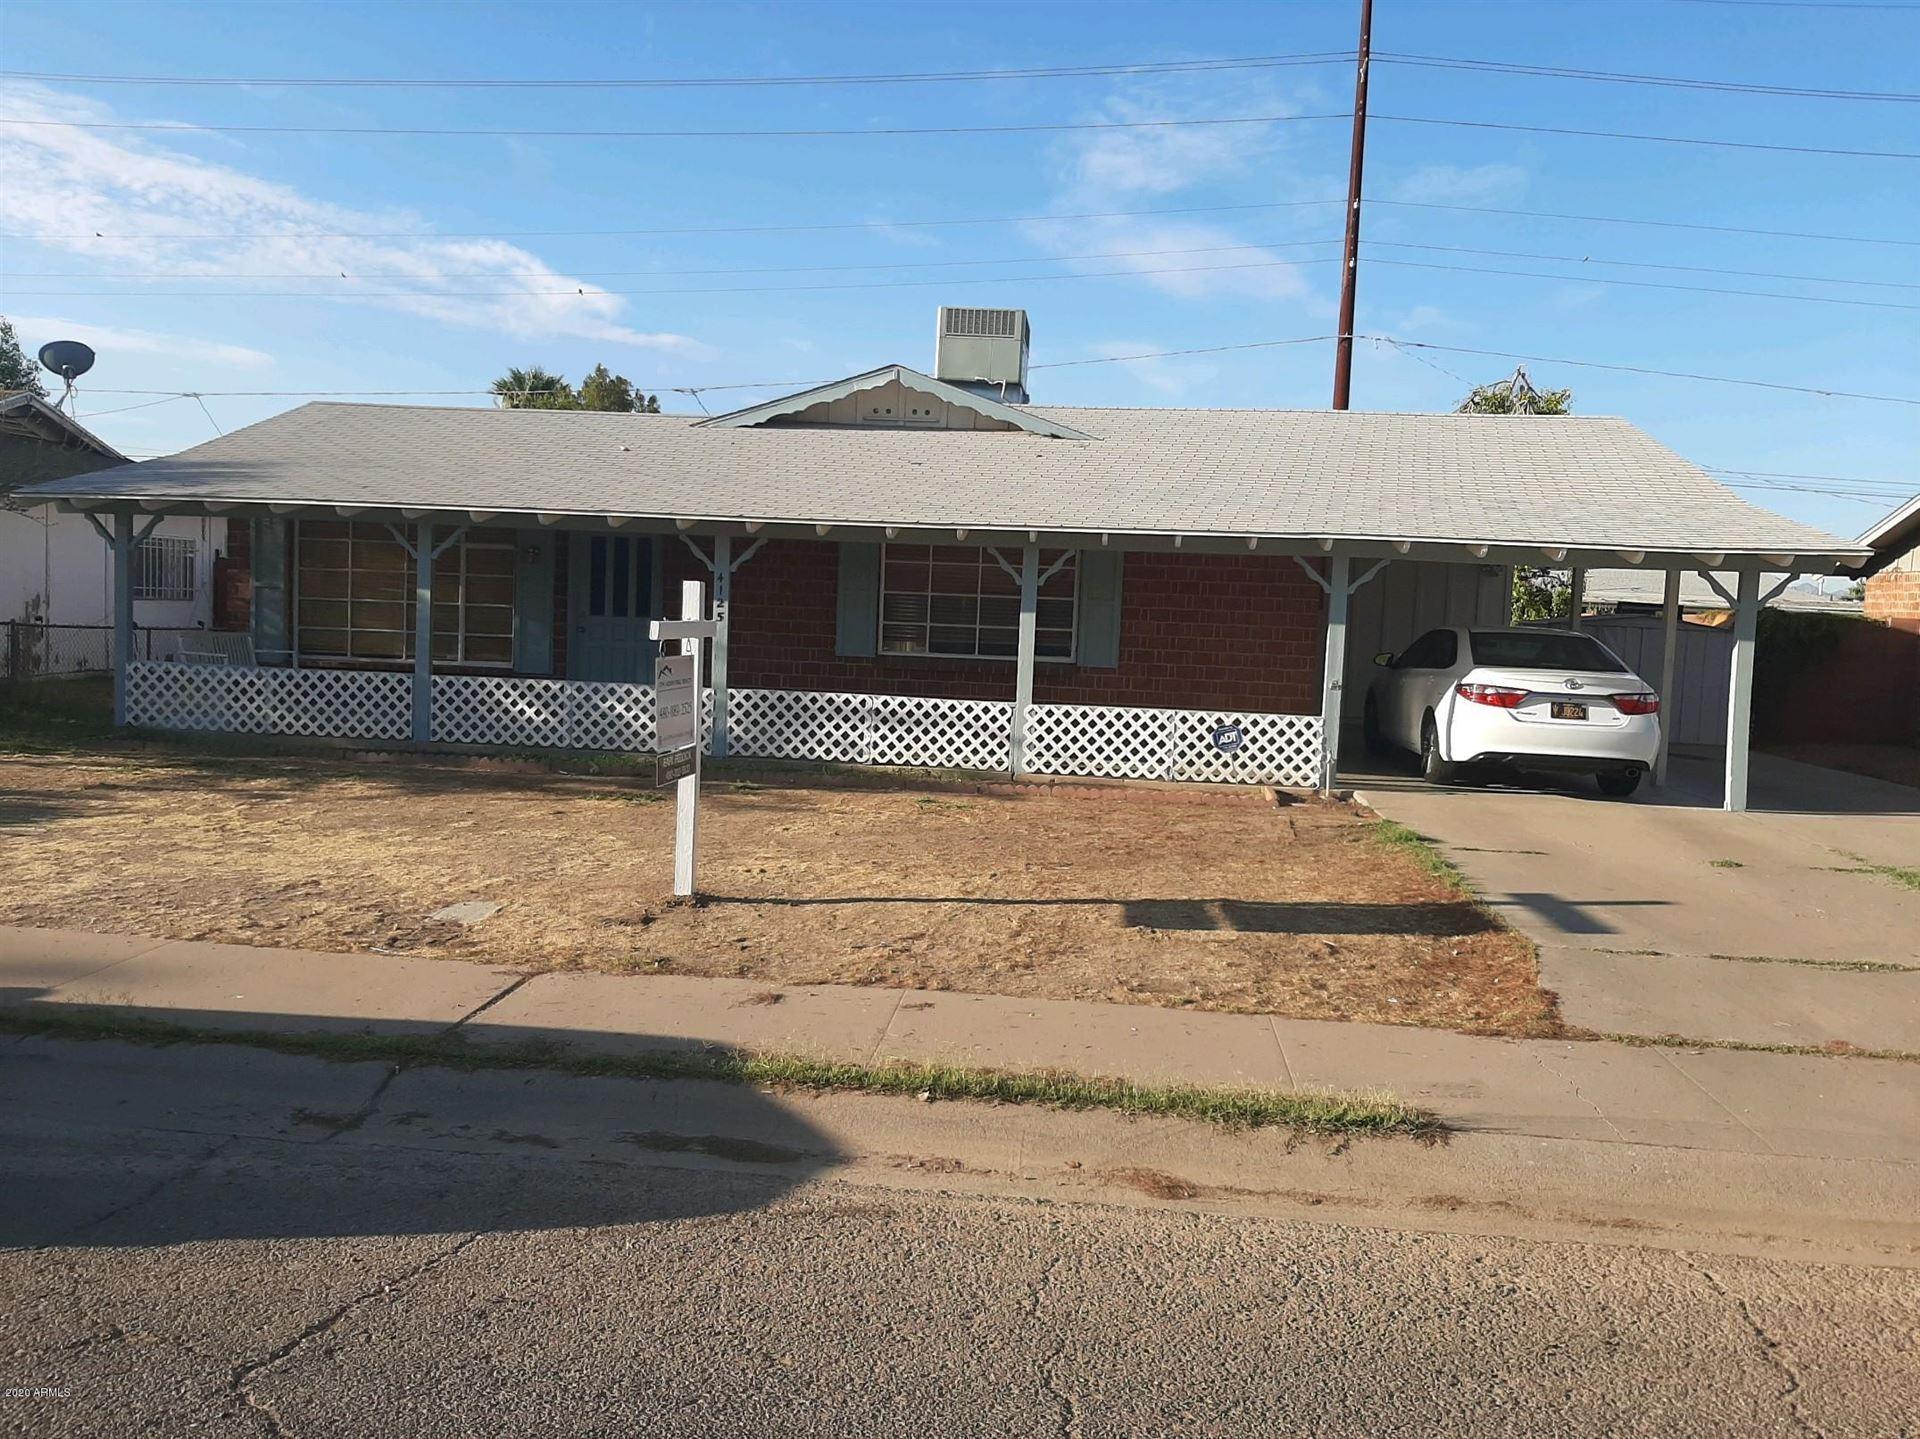 4125 W Claremont Street, Phoenix, AZ 85019 - MLS#: 6100571